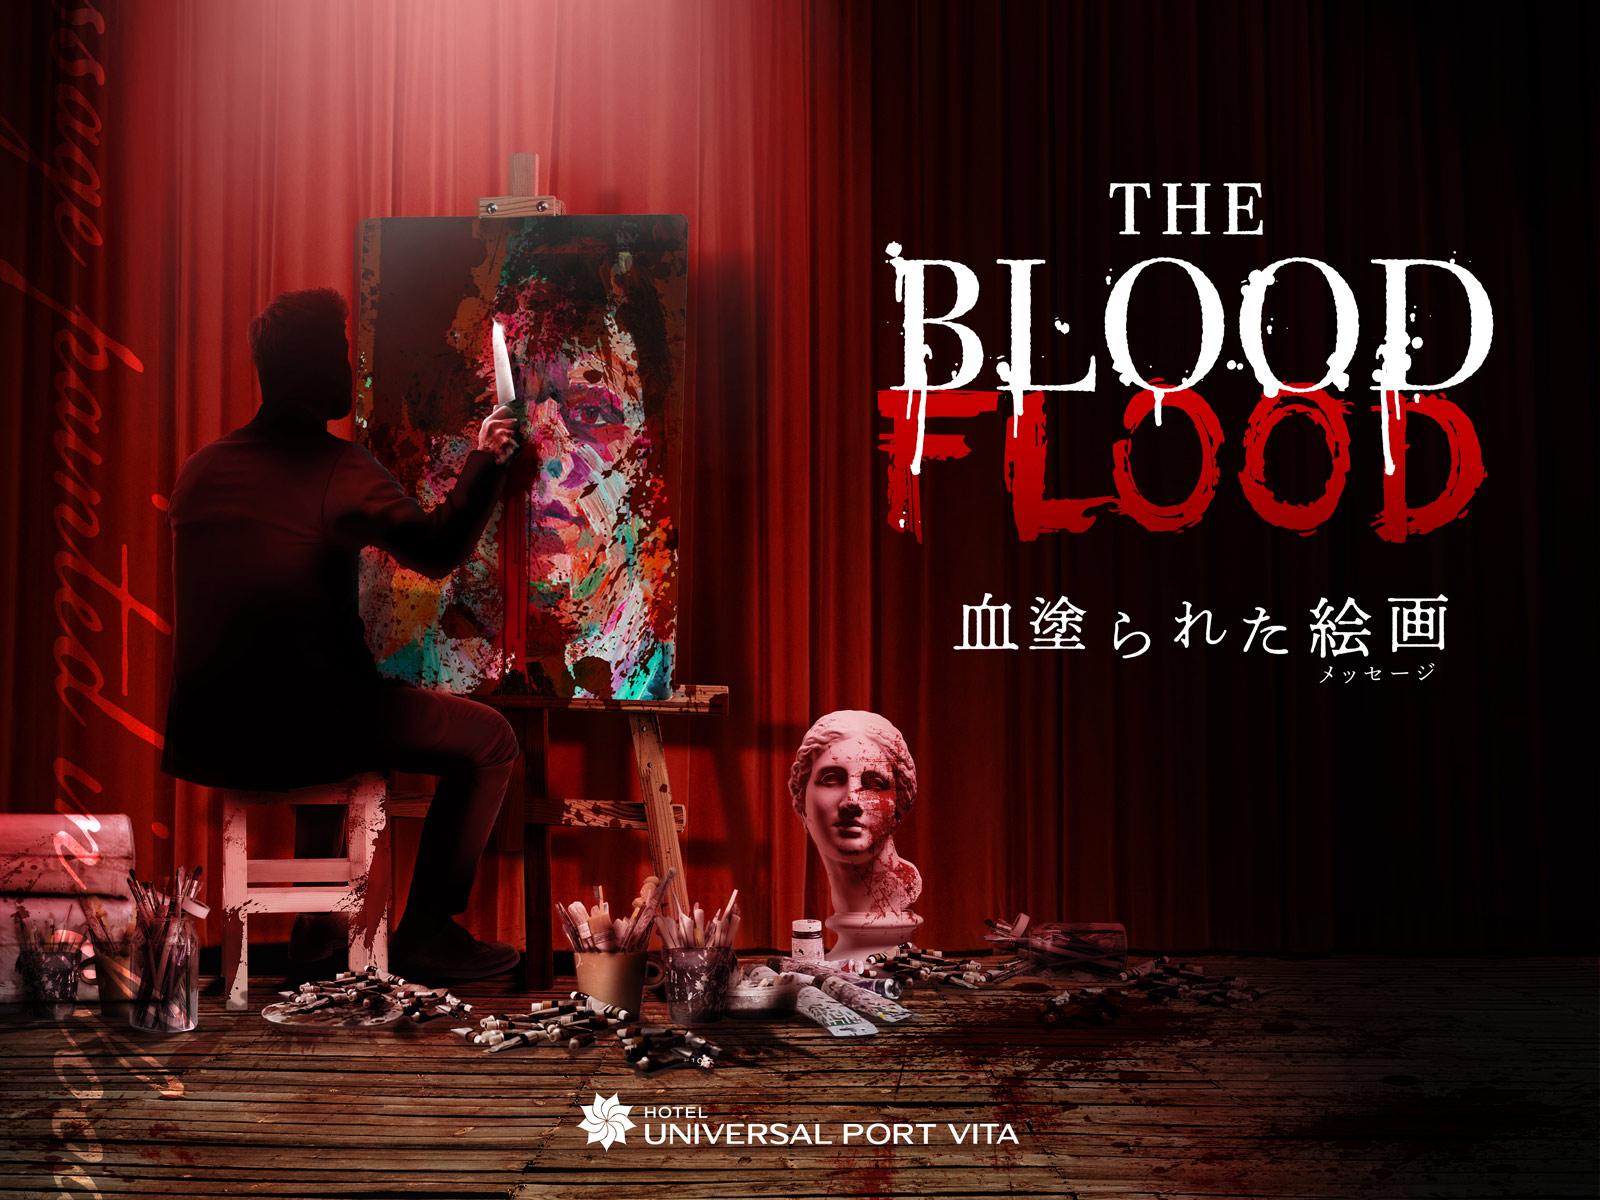 THE BLOOD FLOOD 血塗られた絵画